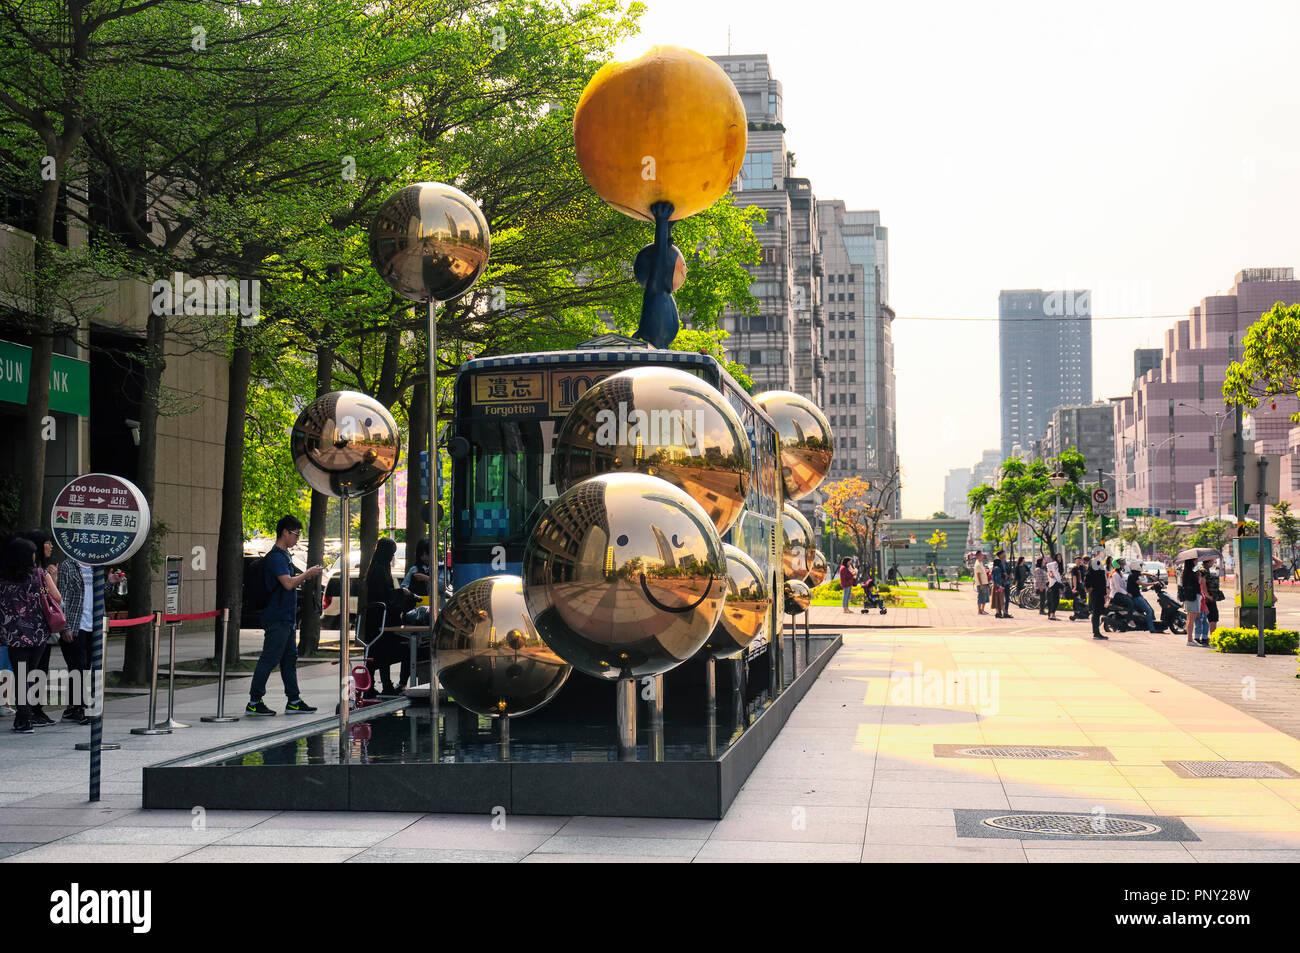 1 avril, 2018. Taipei, Taiwan. Taiwan touristes fait la queue pour entrer dans le Bus 100 Moon attraction dans la ville de Taipei, Taiwan. Photo Stock